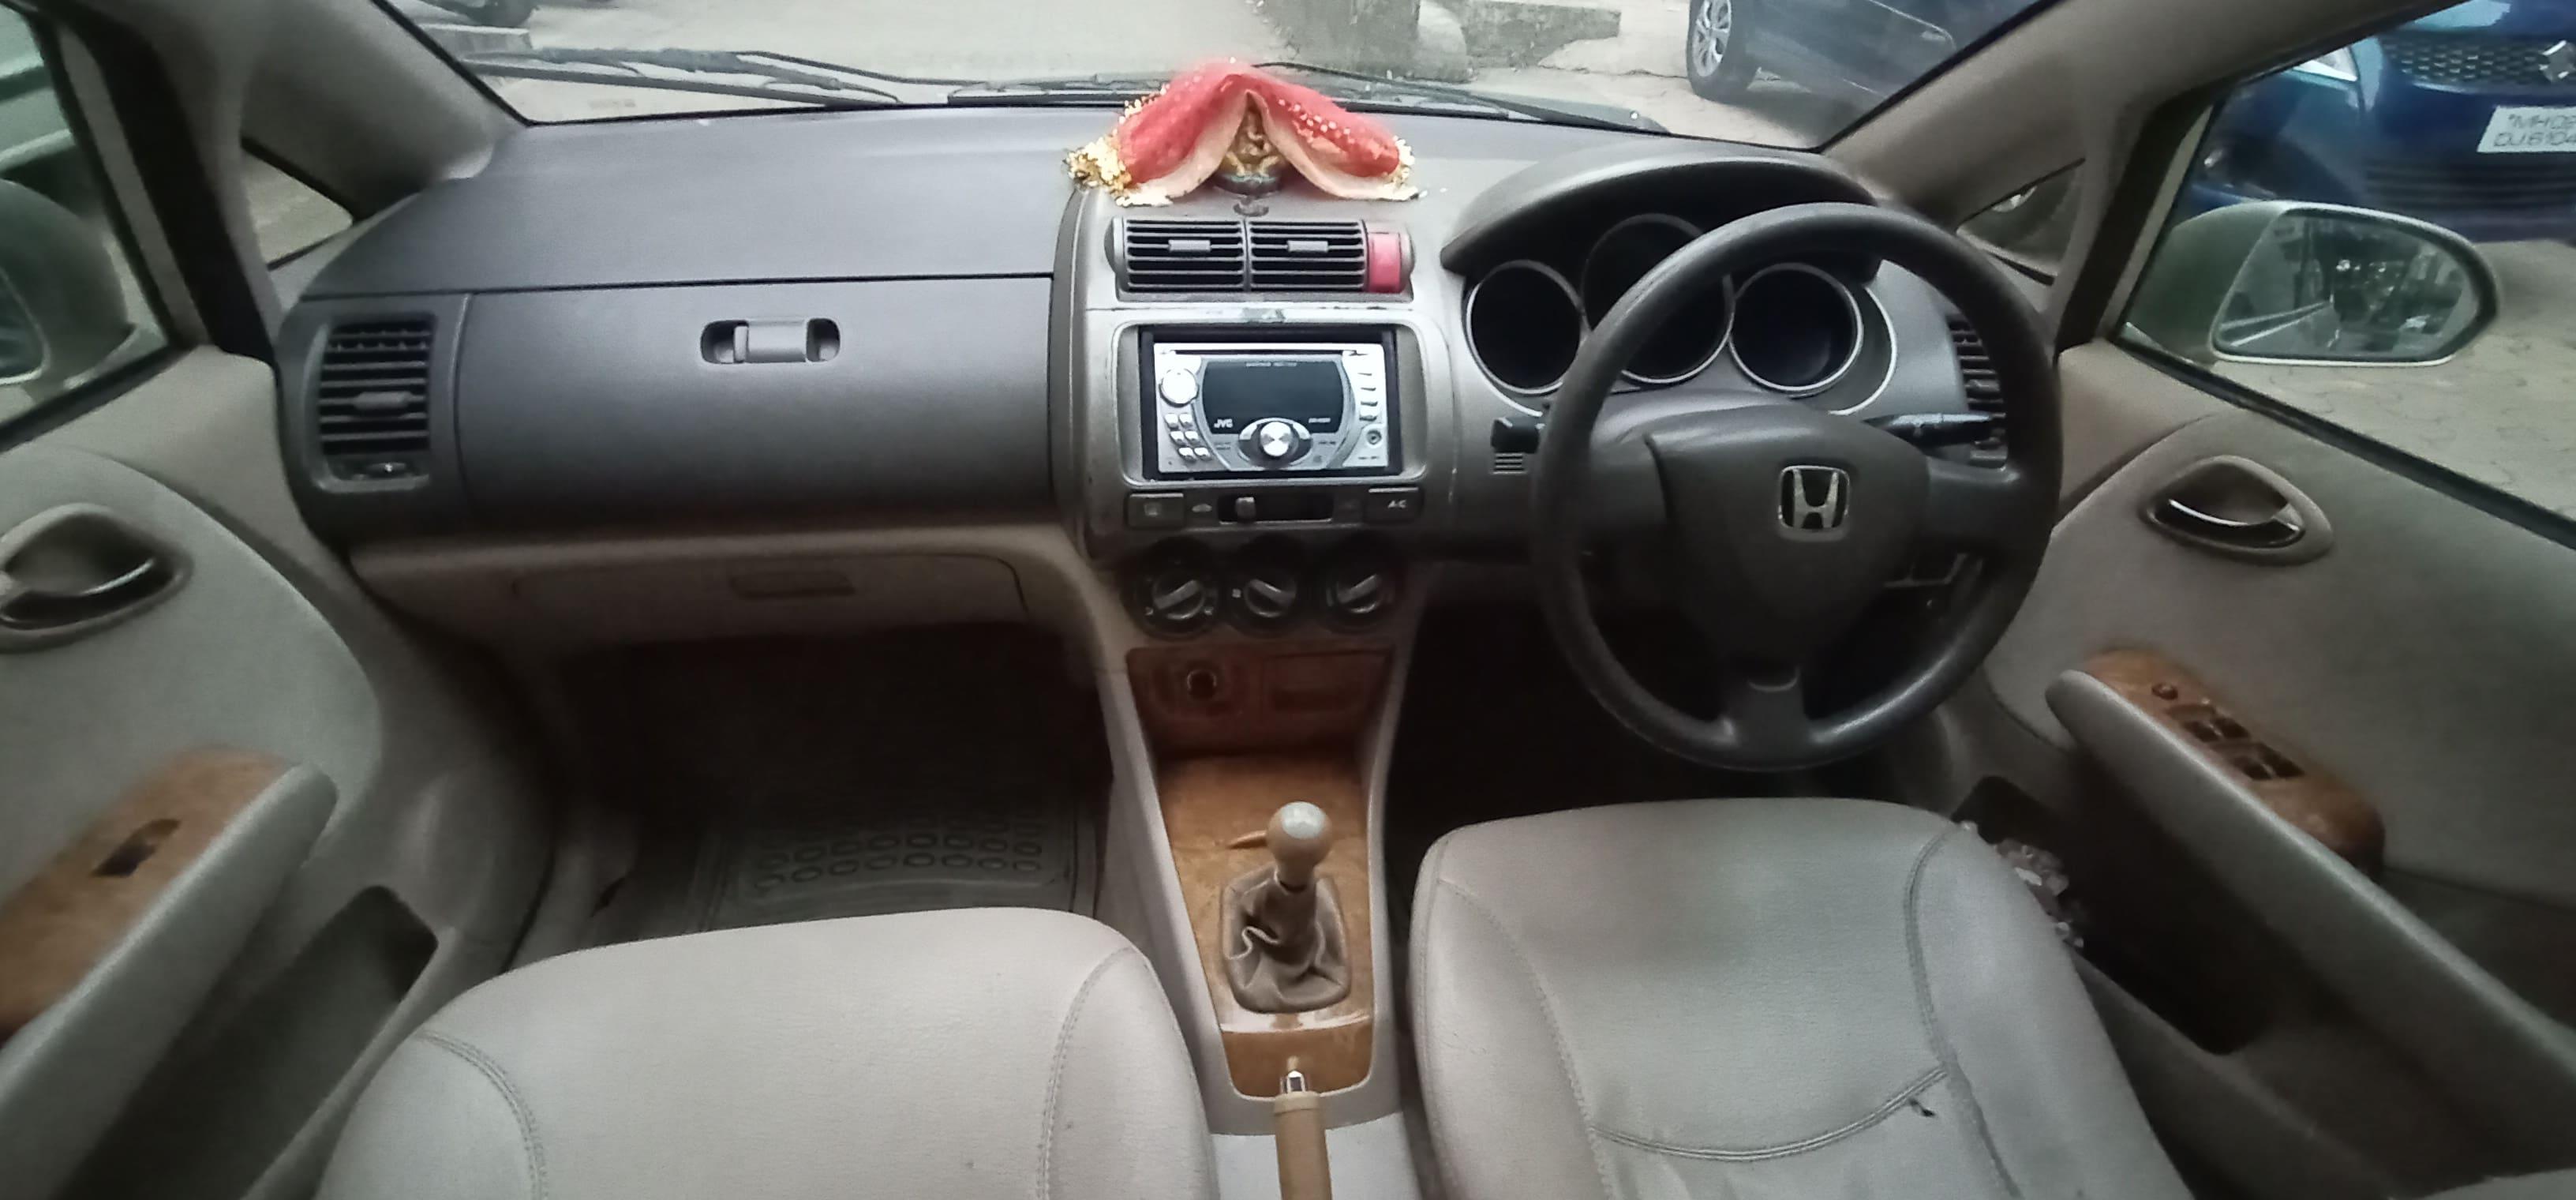 Honda City 2003-2005 1.5 GXI